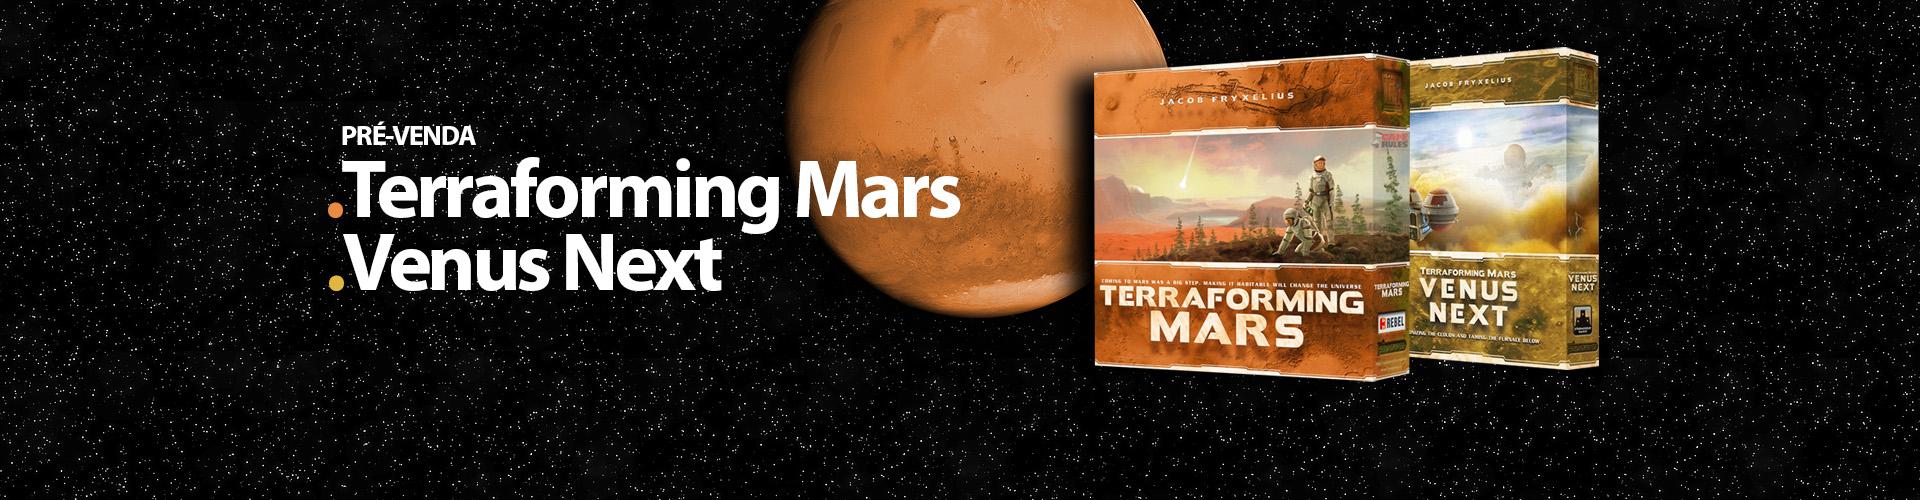 Pré-venda: Terraforming Mars e Venus Next